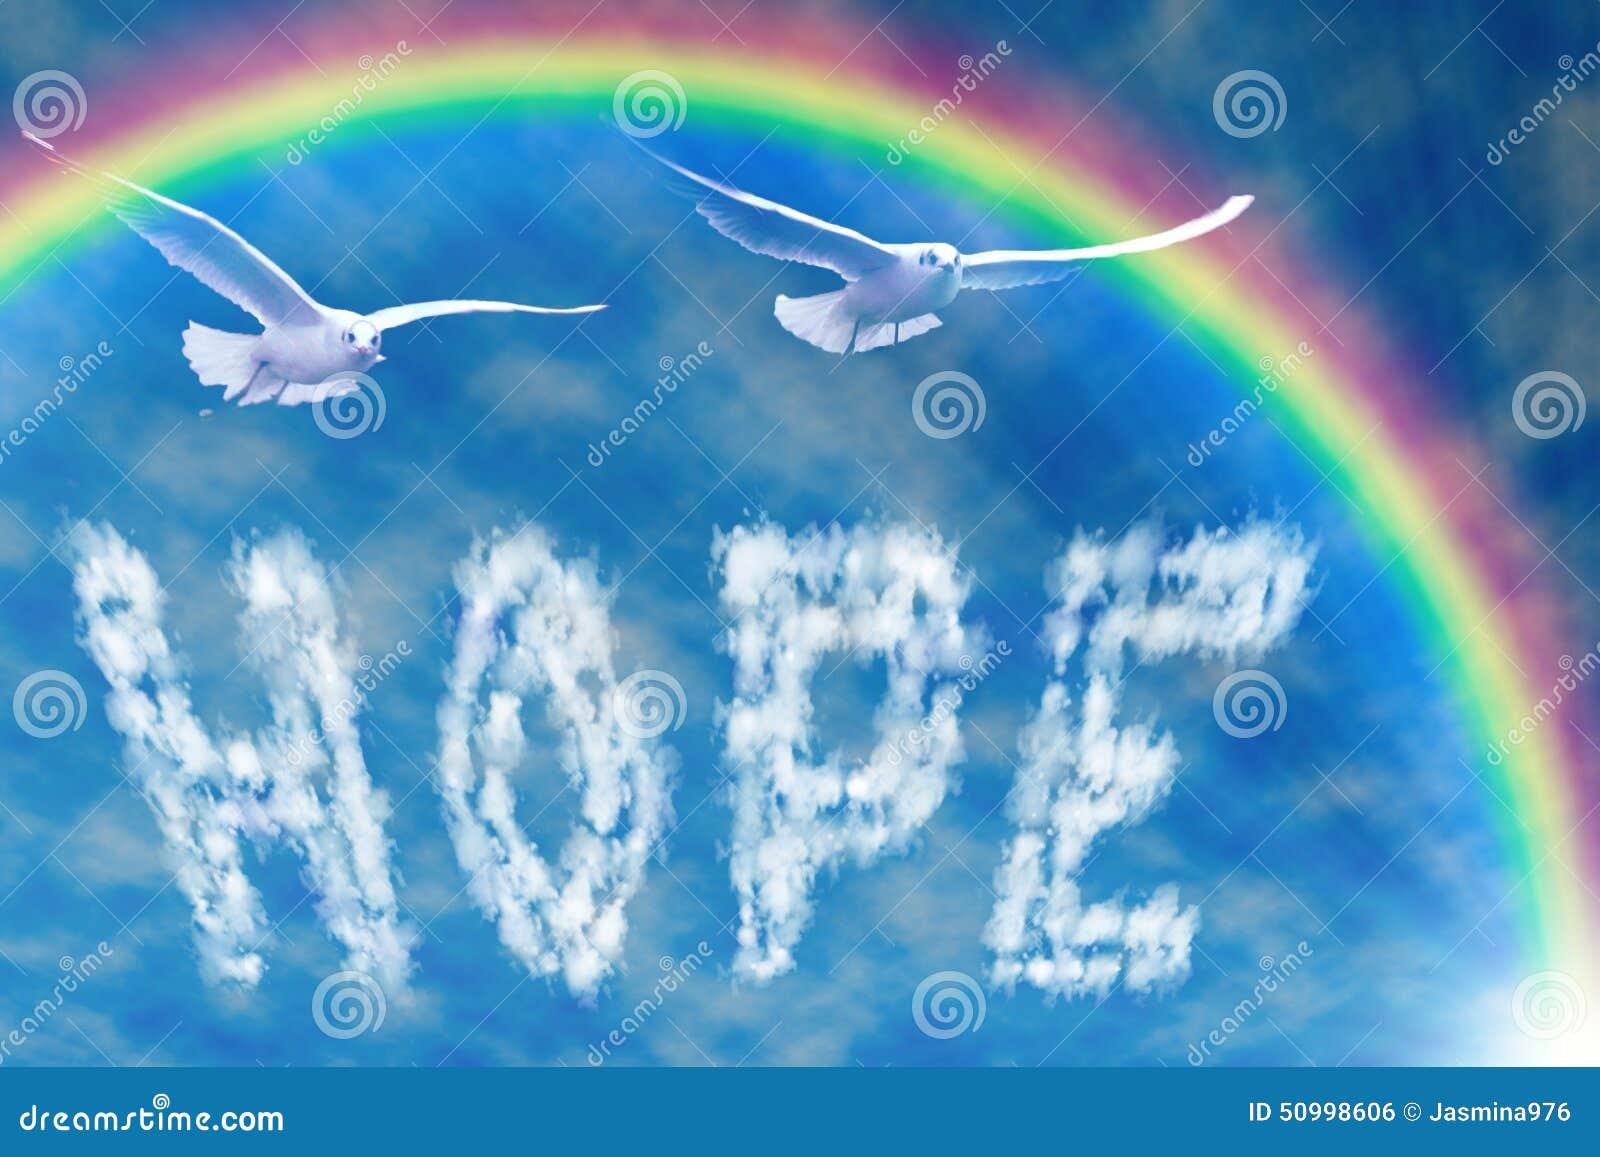 Formułuje nadzieję w niebie, pod tęczą